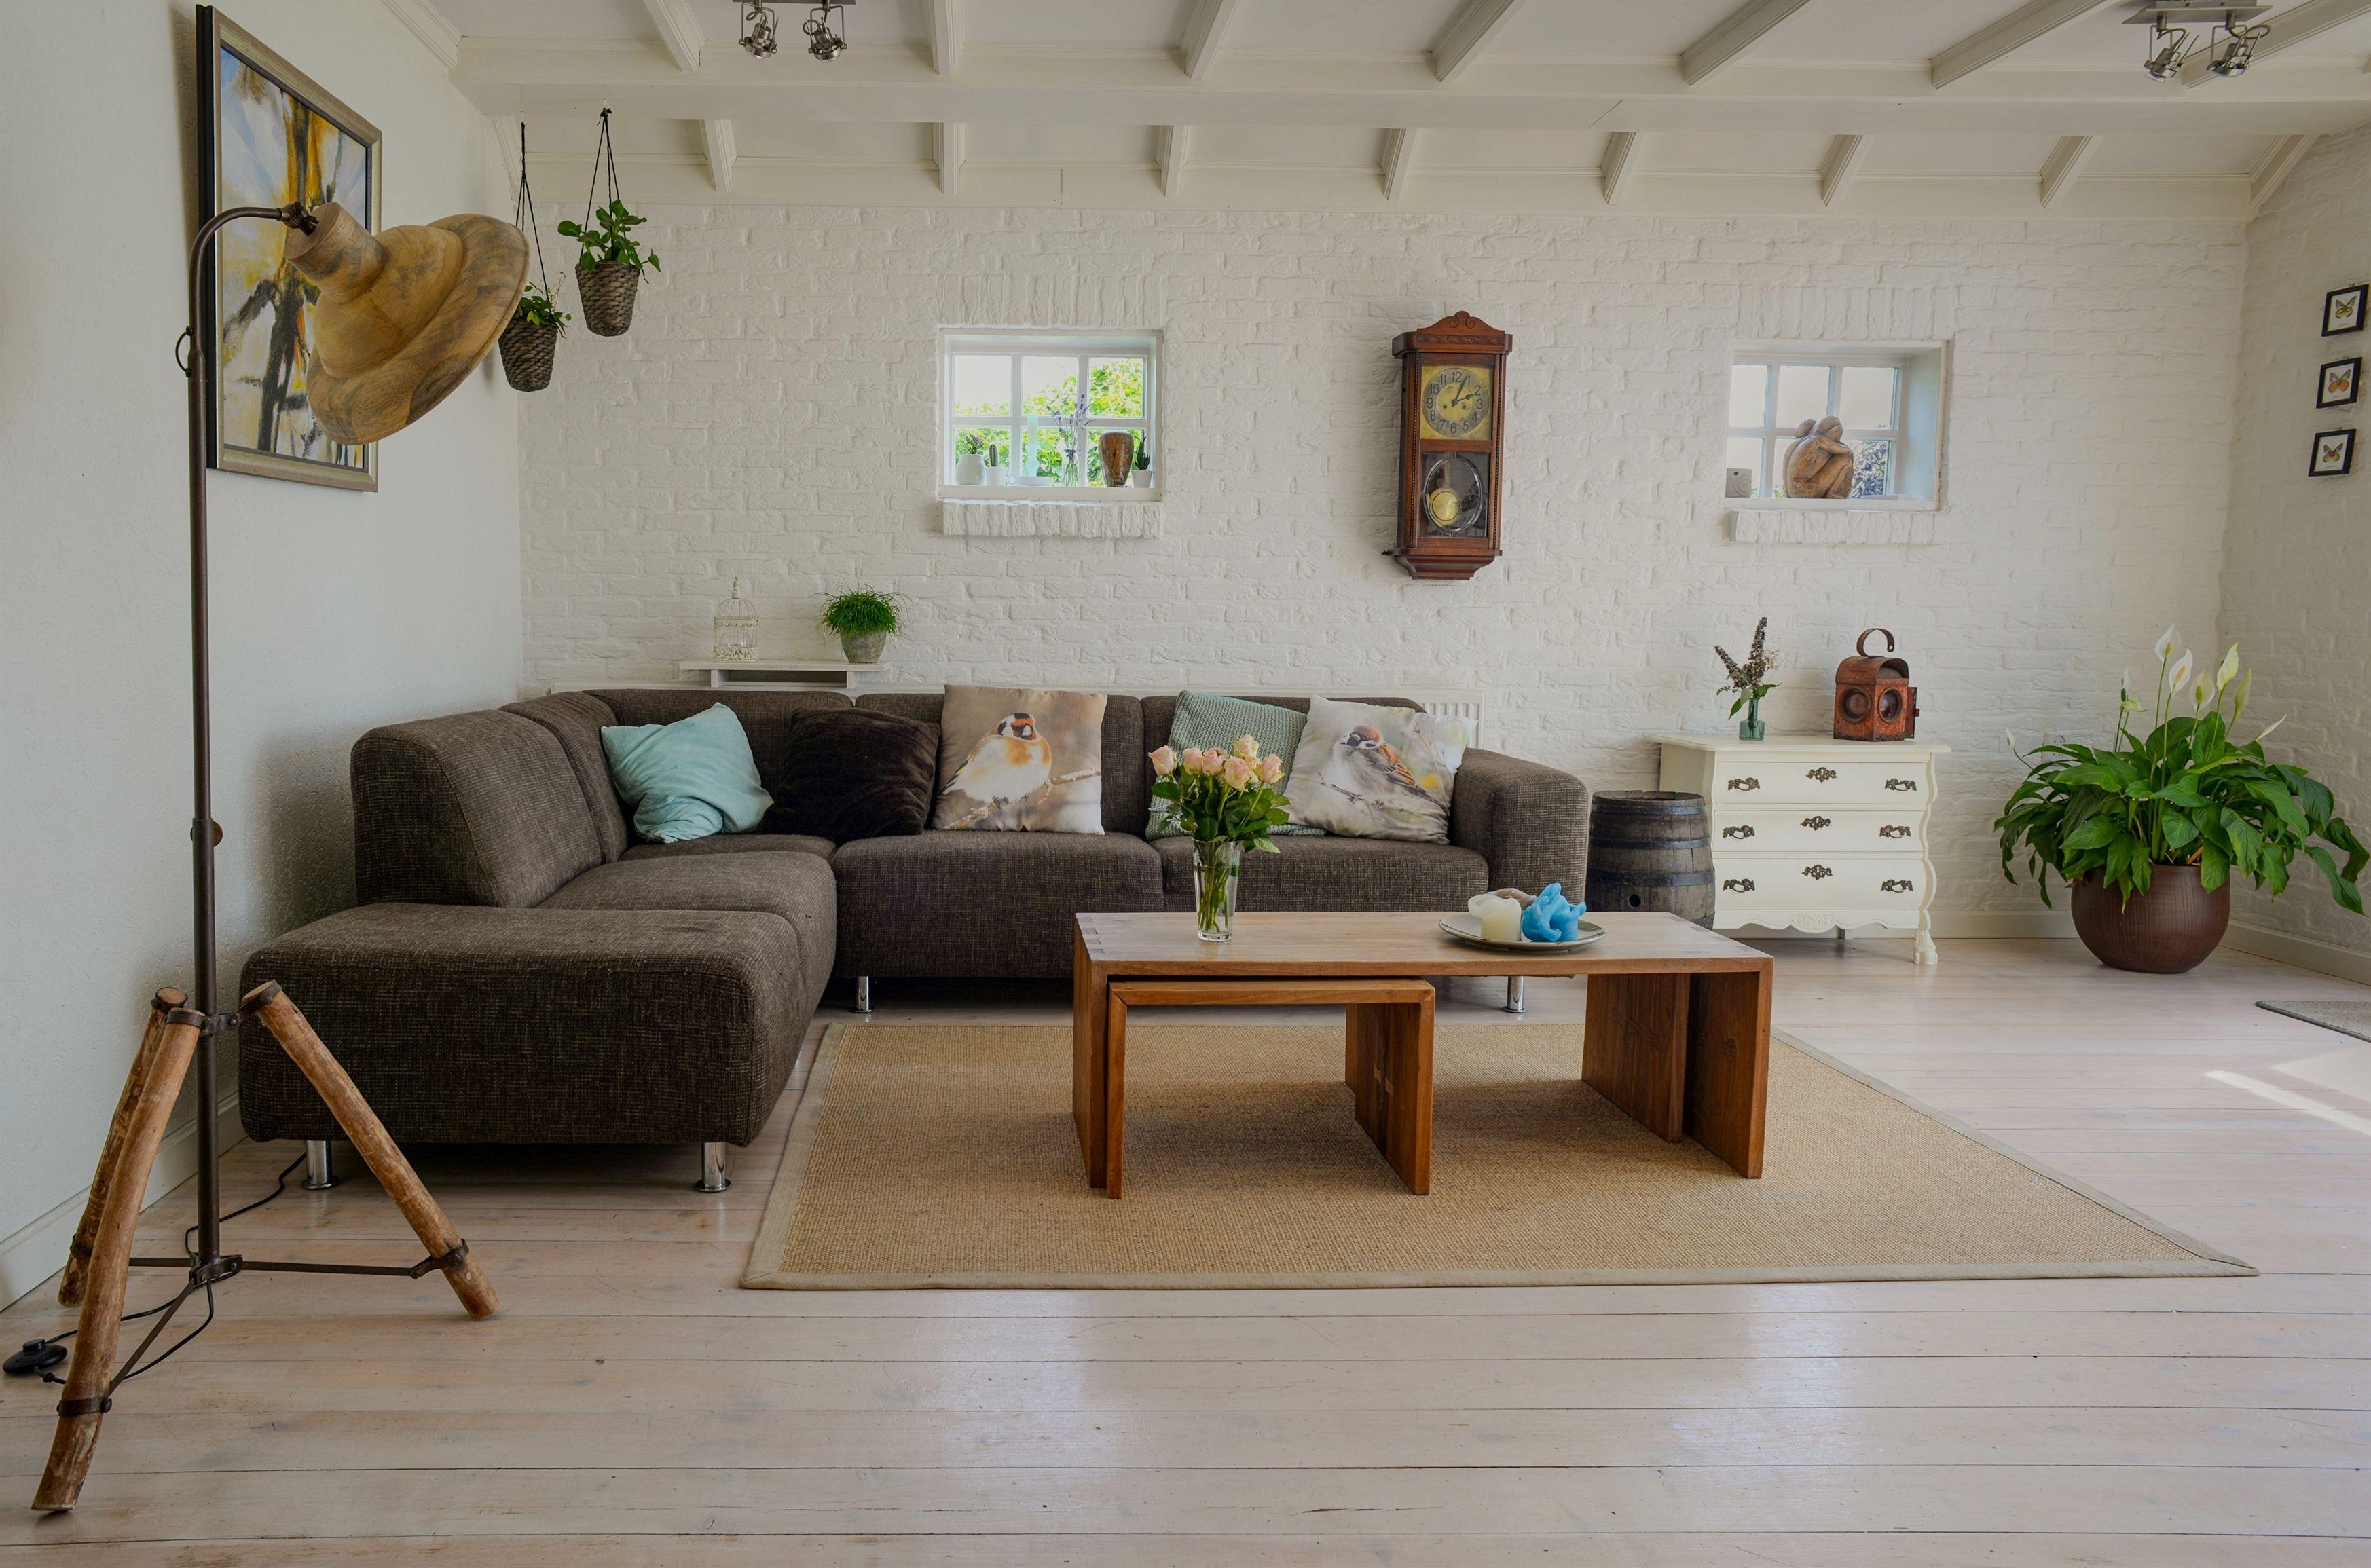 Home Decor Ebay 212 20190131155613 62 60s Home Decor Beach Home